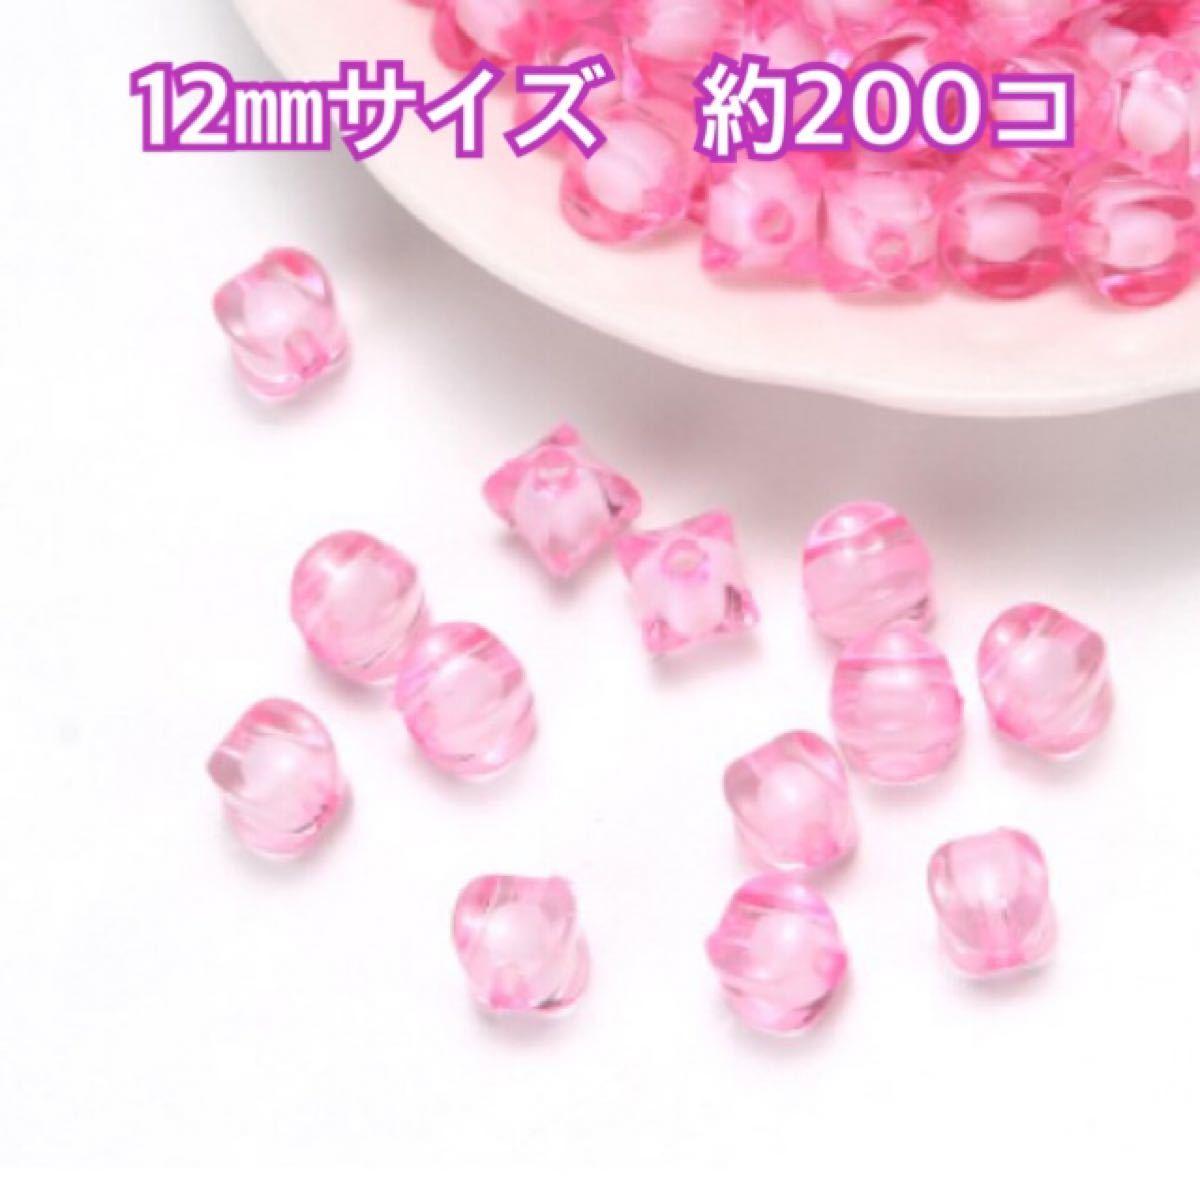 【ビーズキット】12mm四角アクリルビーズ(ピンク)約200コ